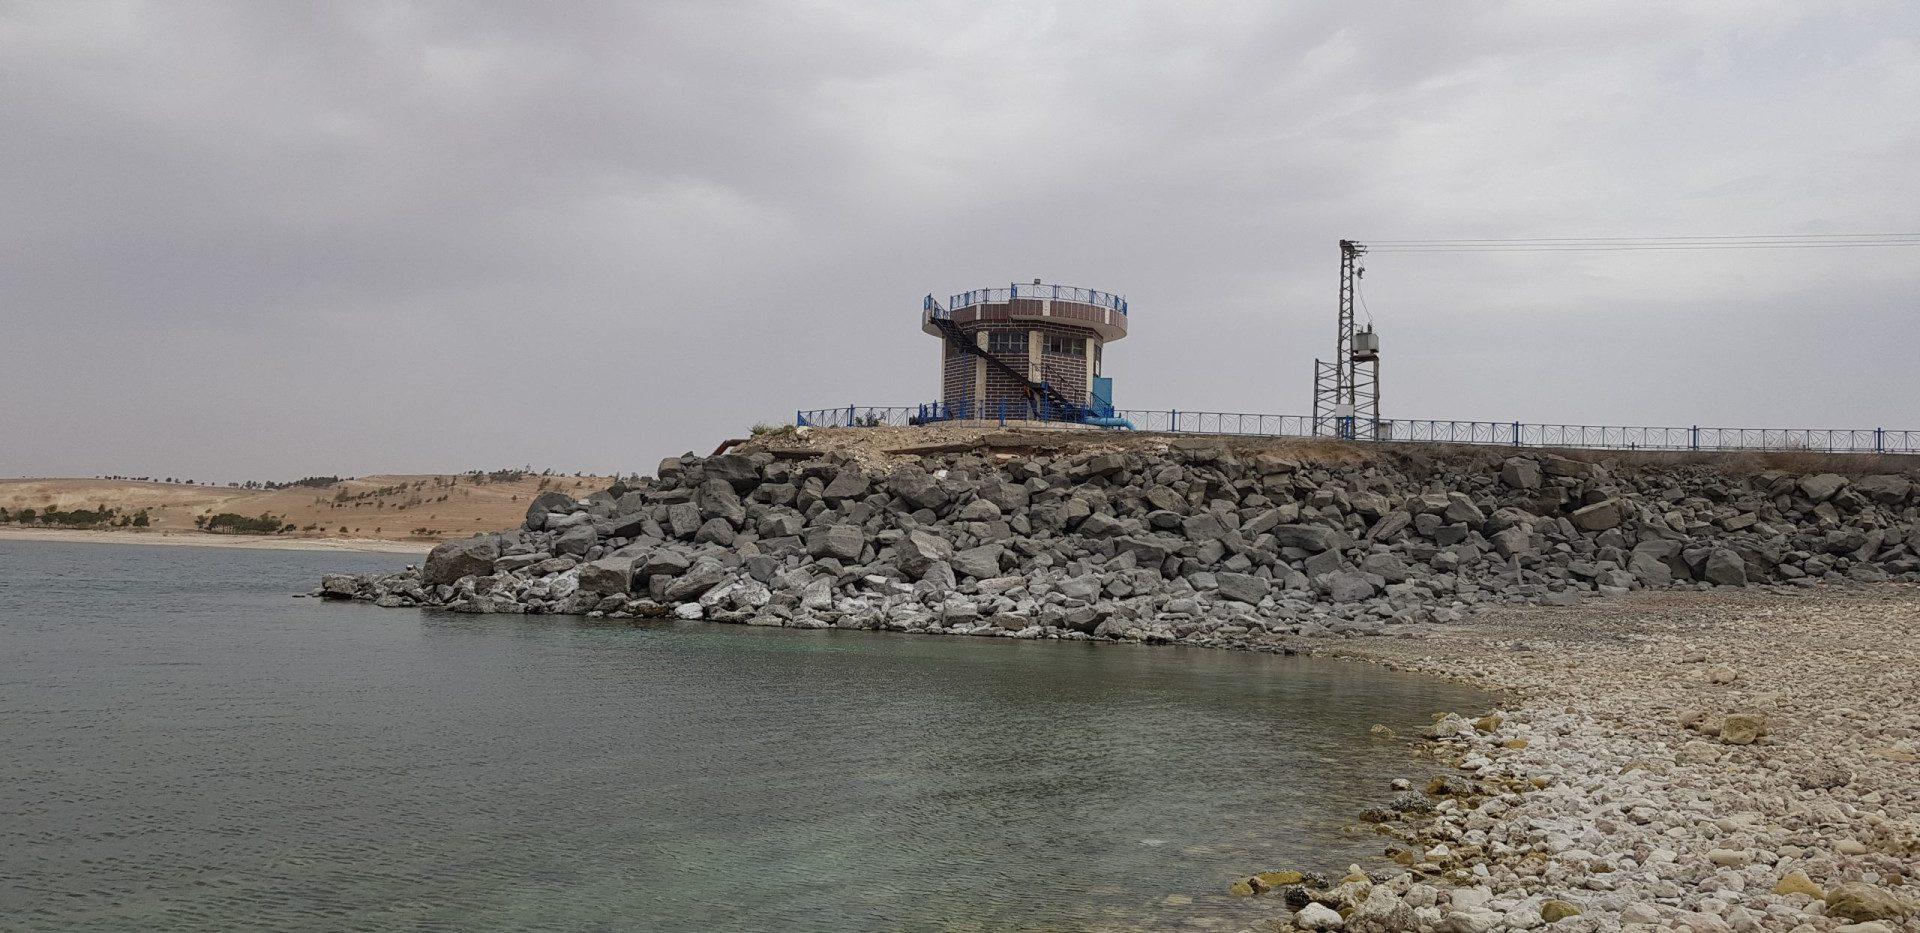 سد الفرات بحيرة الأسد